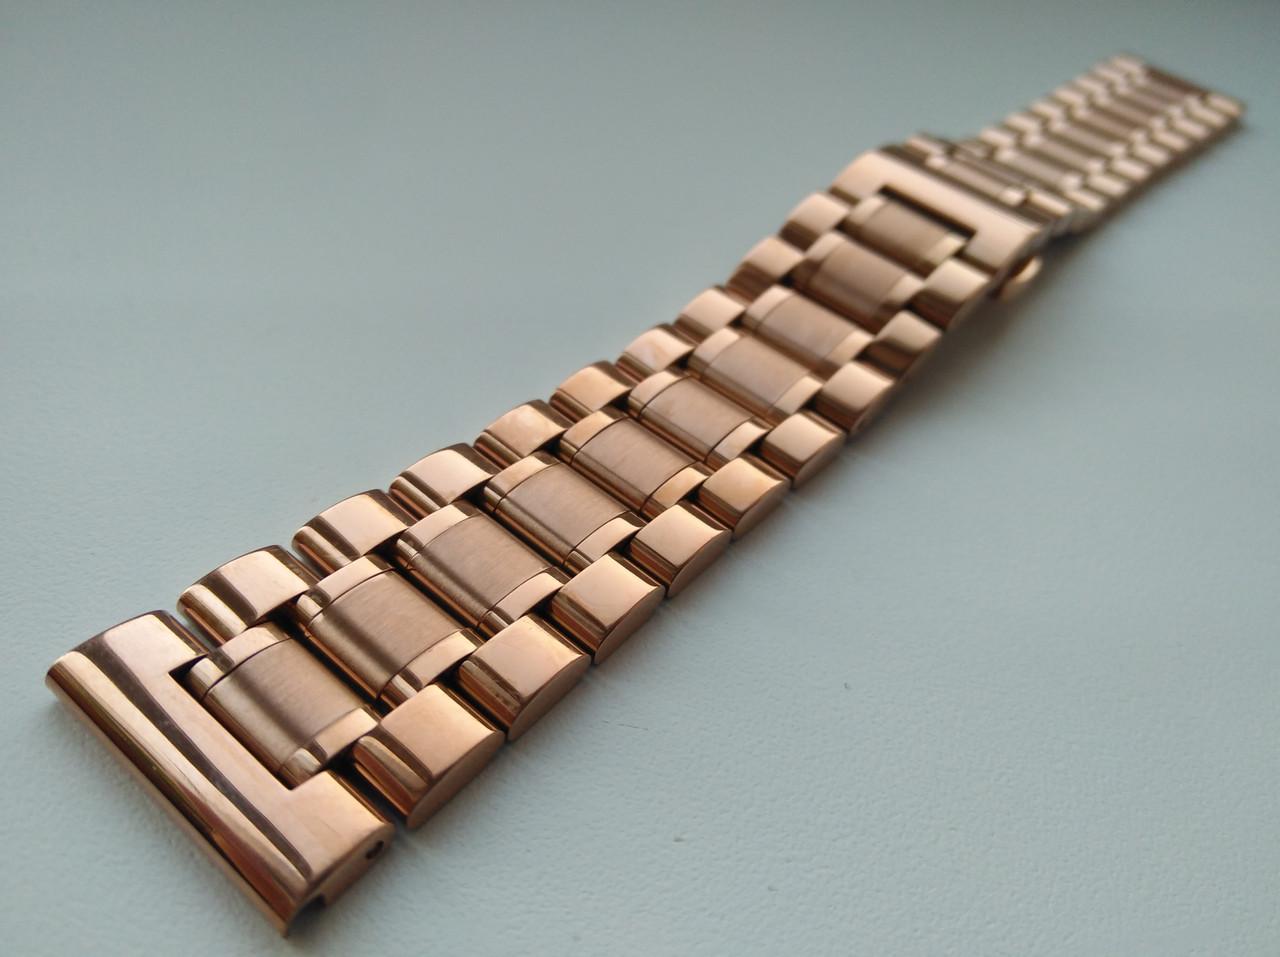 Браслет для часов из нержавеющей стали 316L, розовое золото, литой, мат/глянец, прямое/заокругленное ок. 20 мм